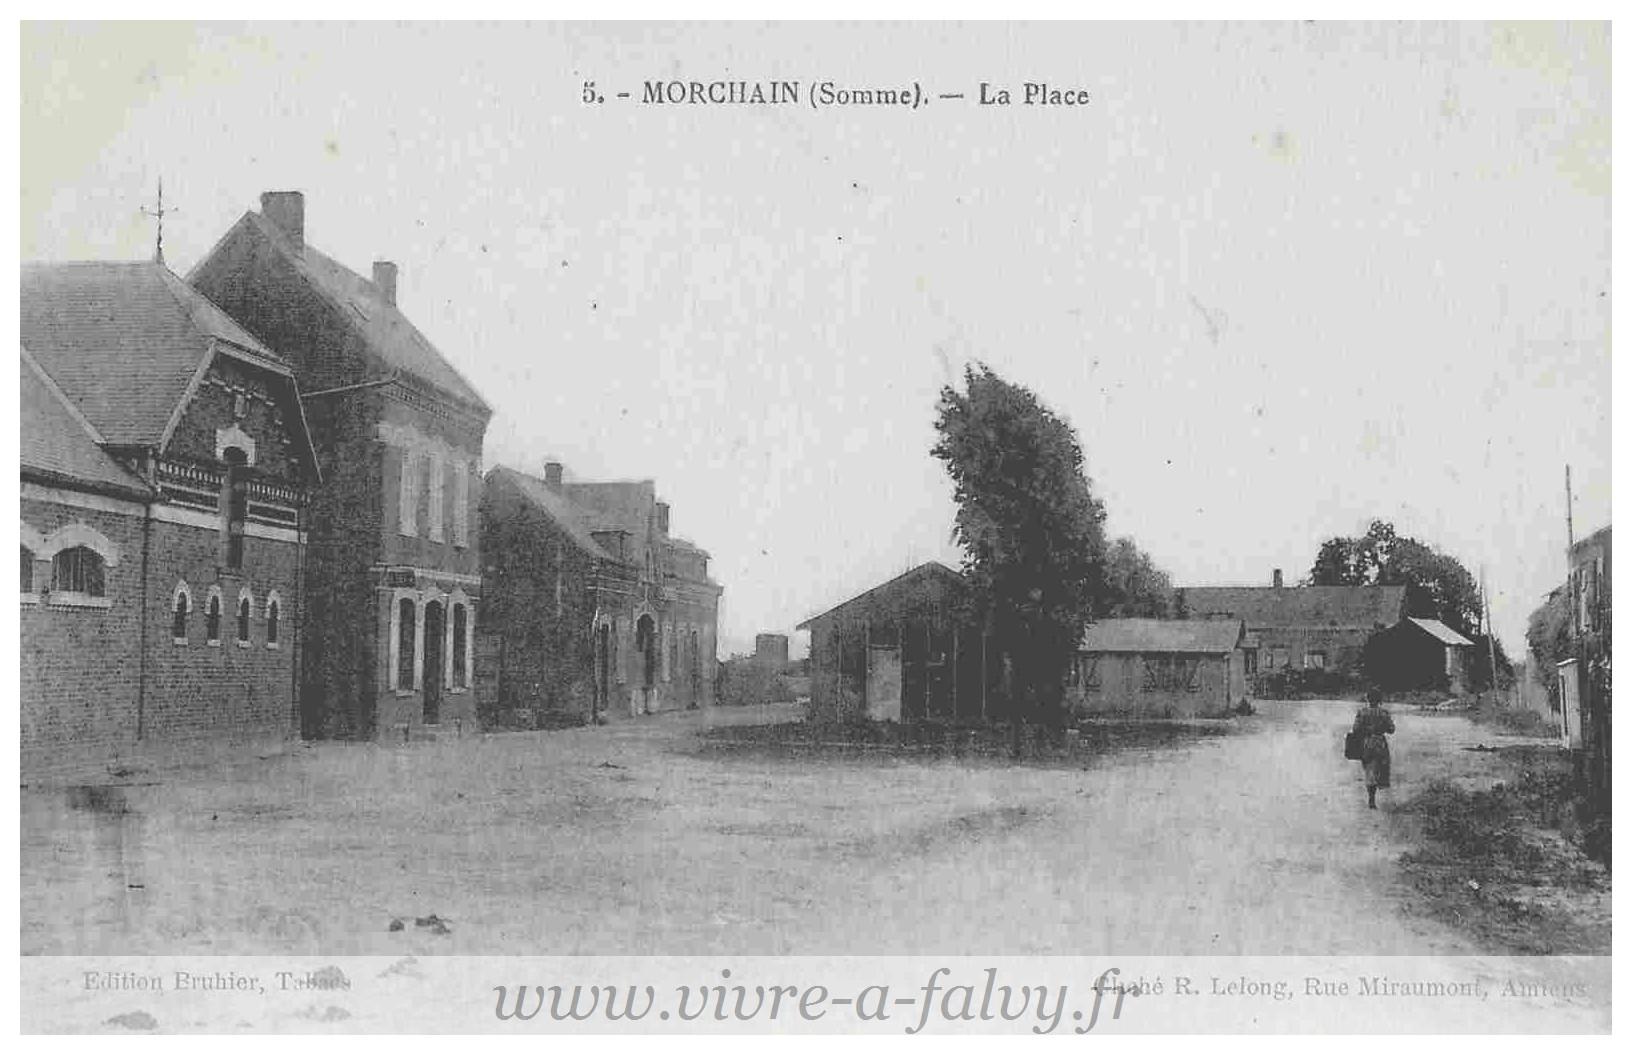 Morchain - La Place